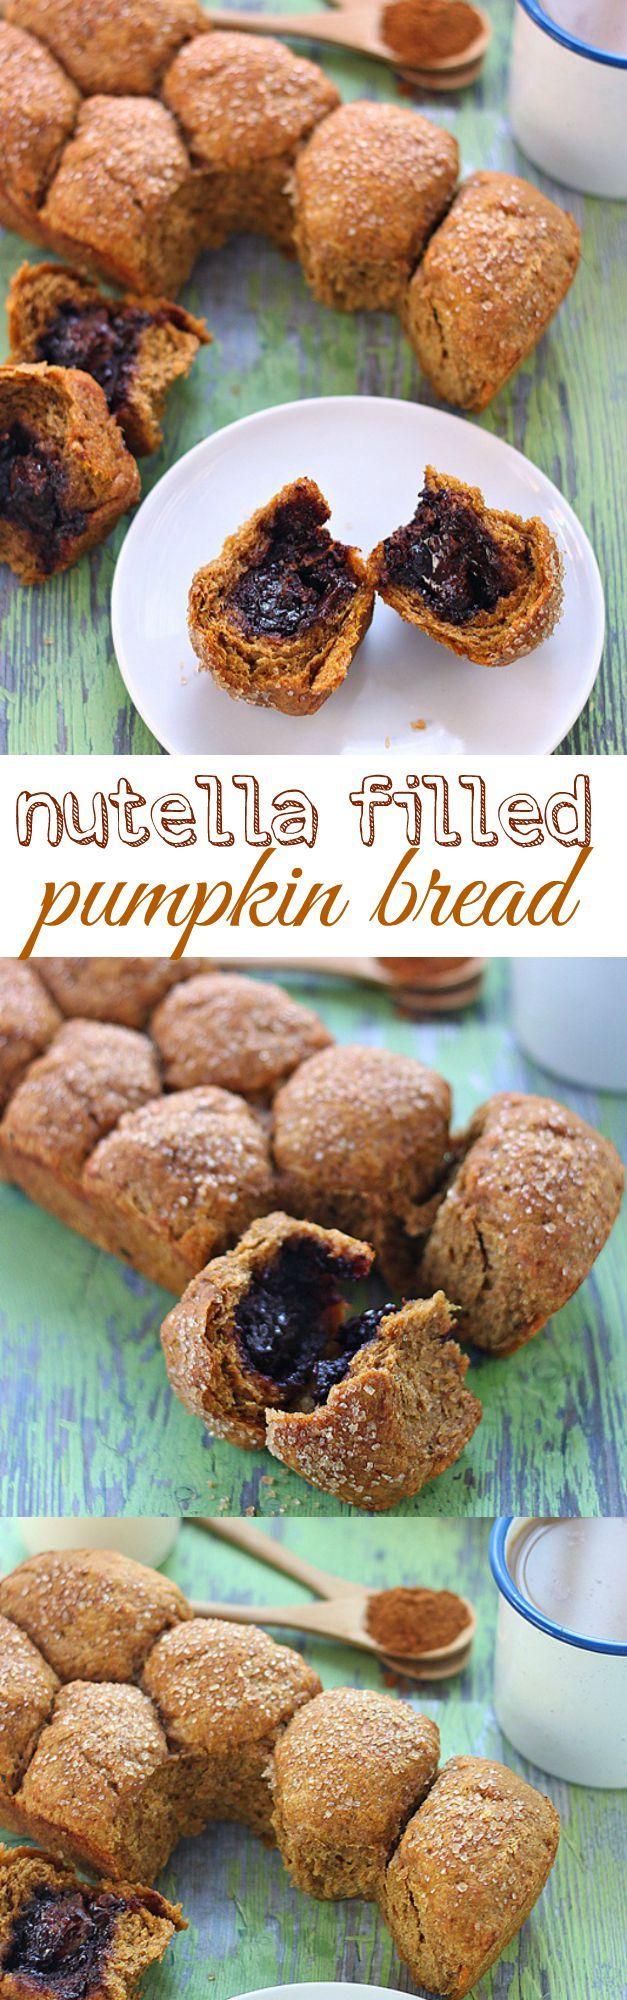 Pull apart nutella filled pumpkin bread | Recipe | Nutella ...